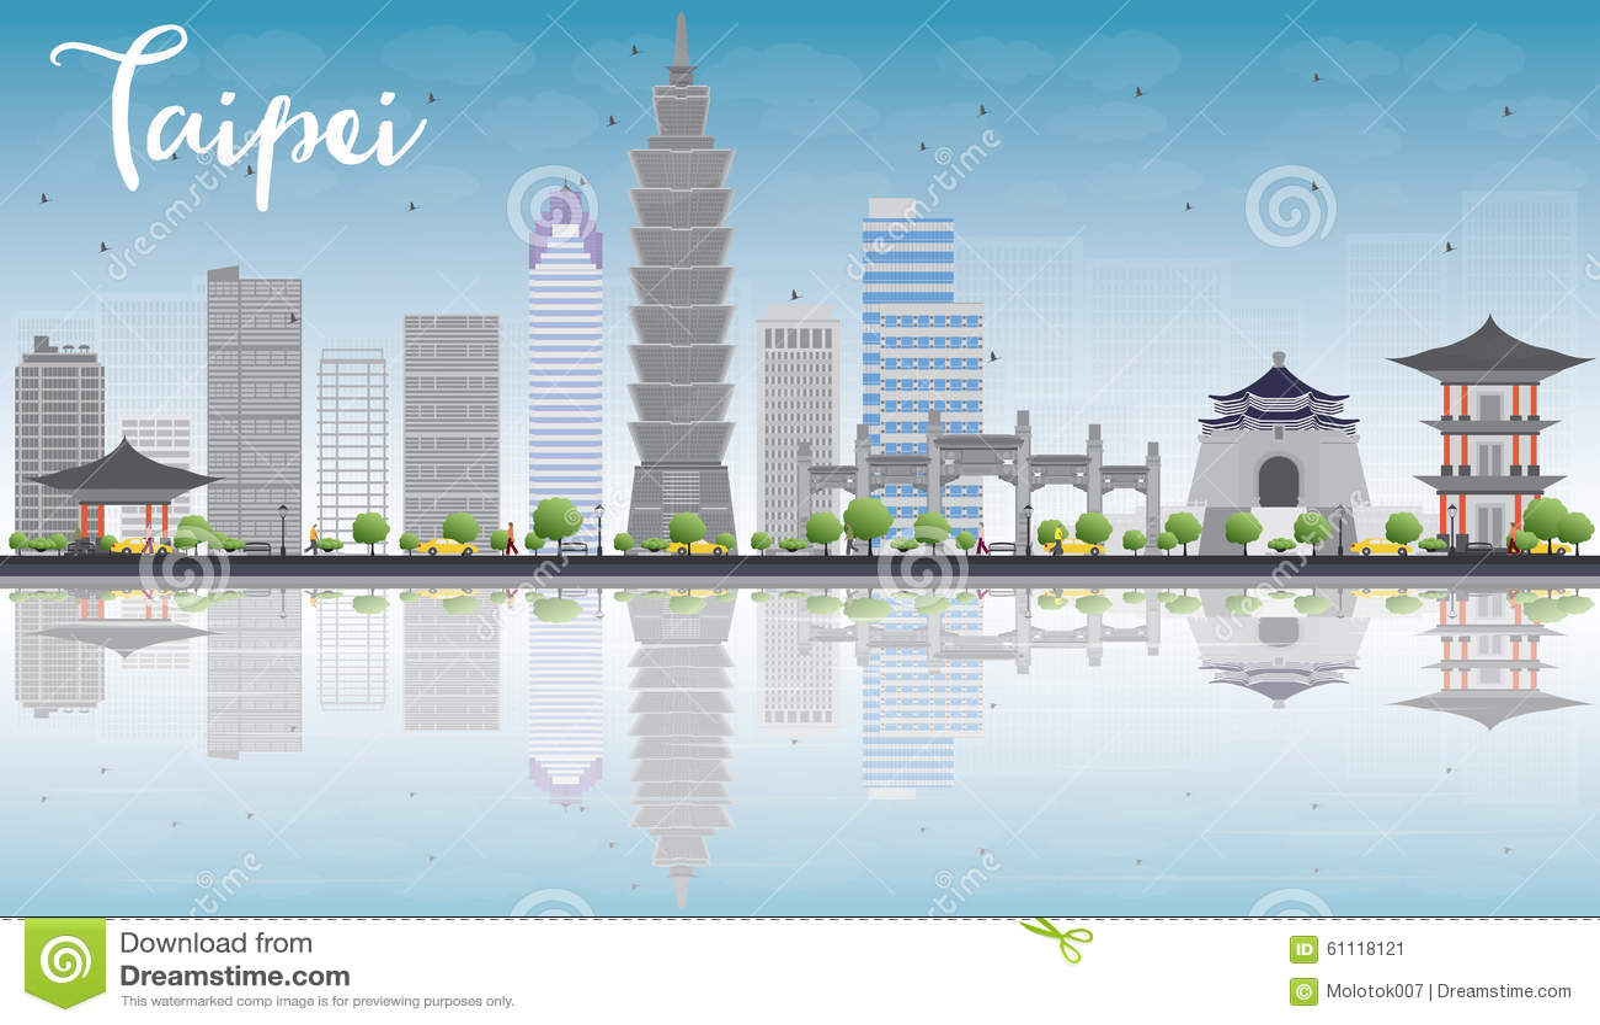 Skyline de Taipei com marcos cinzentos, o céu azul e a reflexão